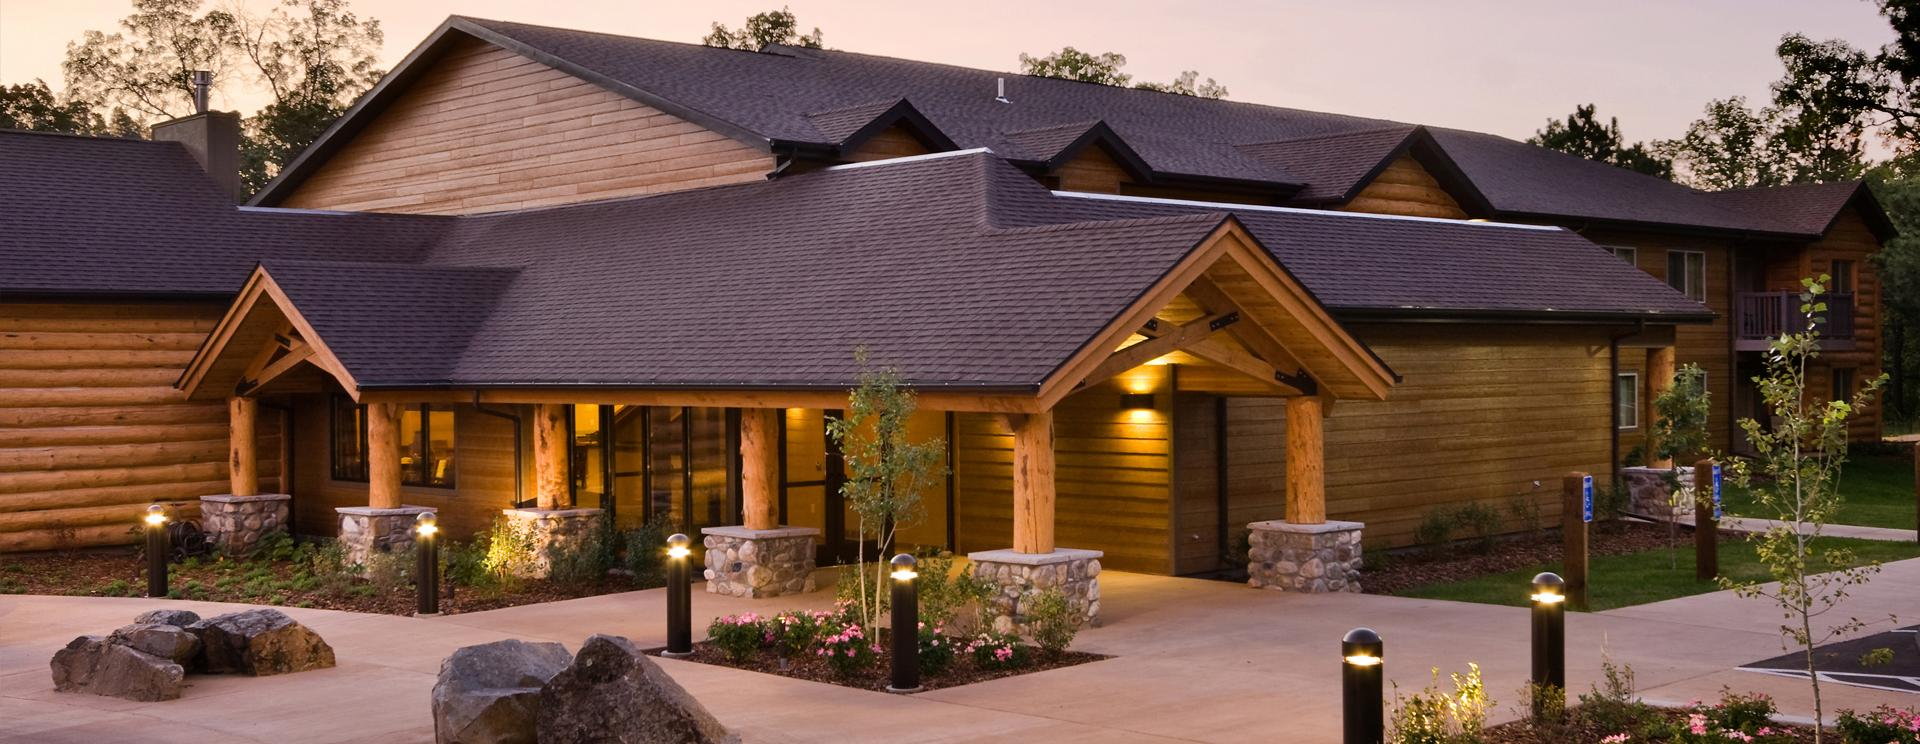 Creekside Lodge at Custer State Park Resort